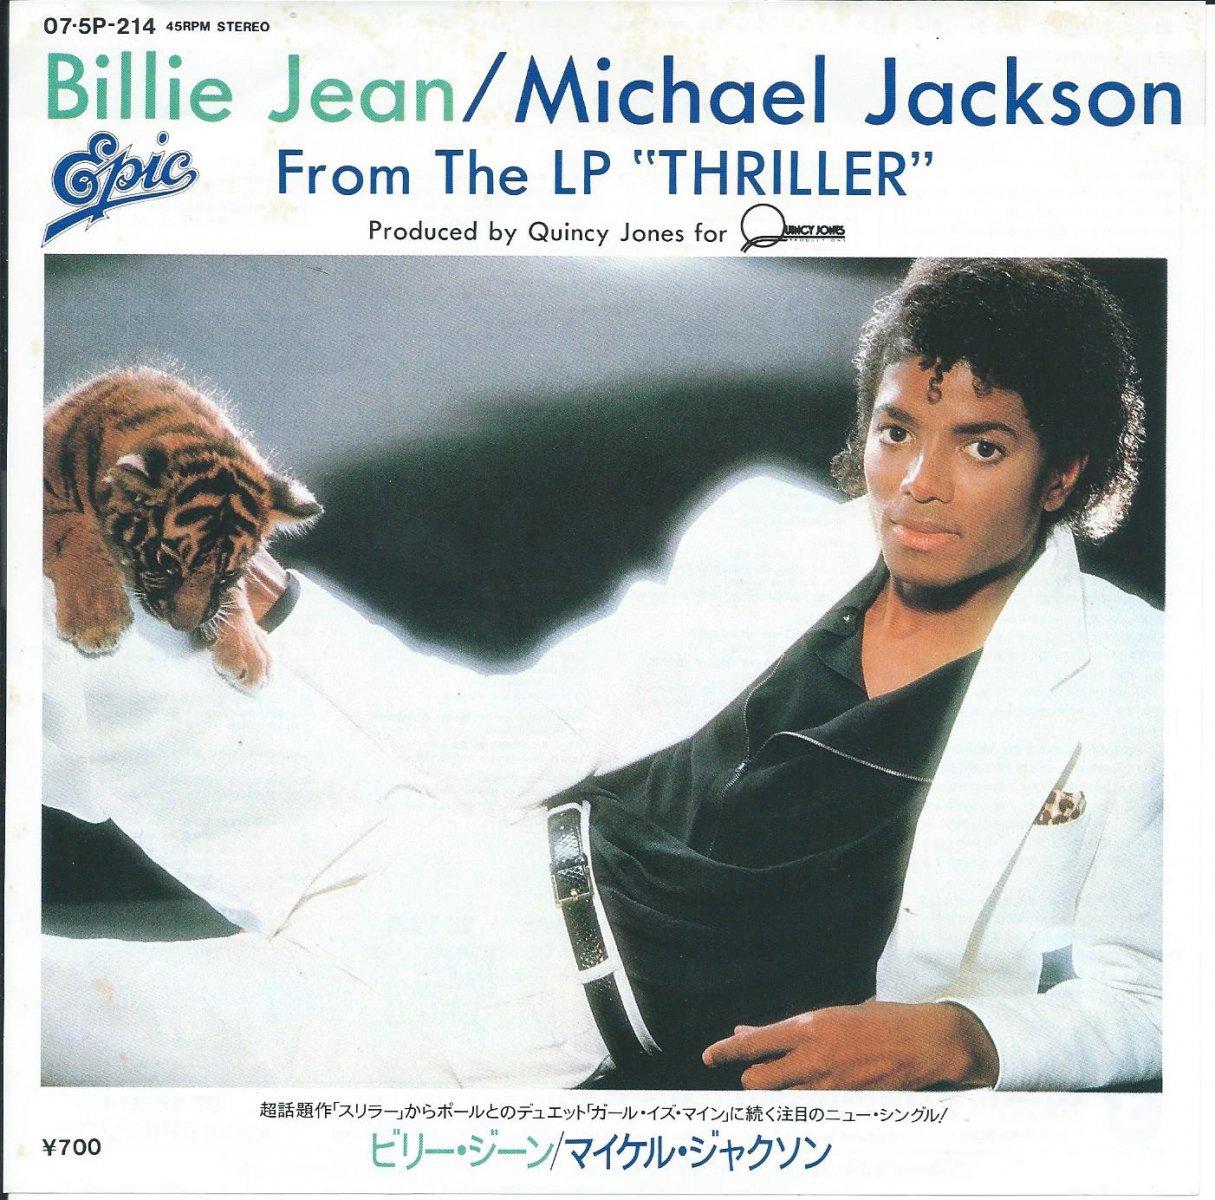 マイケル・ジャクソン MICHAEL JACKSON / ビリー・ジーン BILLIE JEAN (7